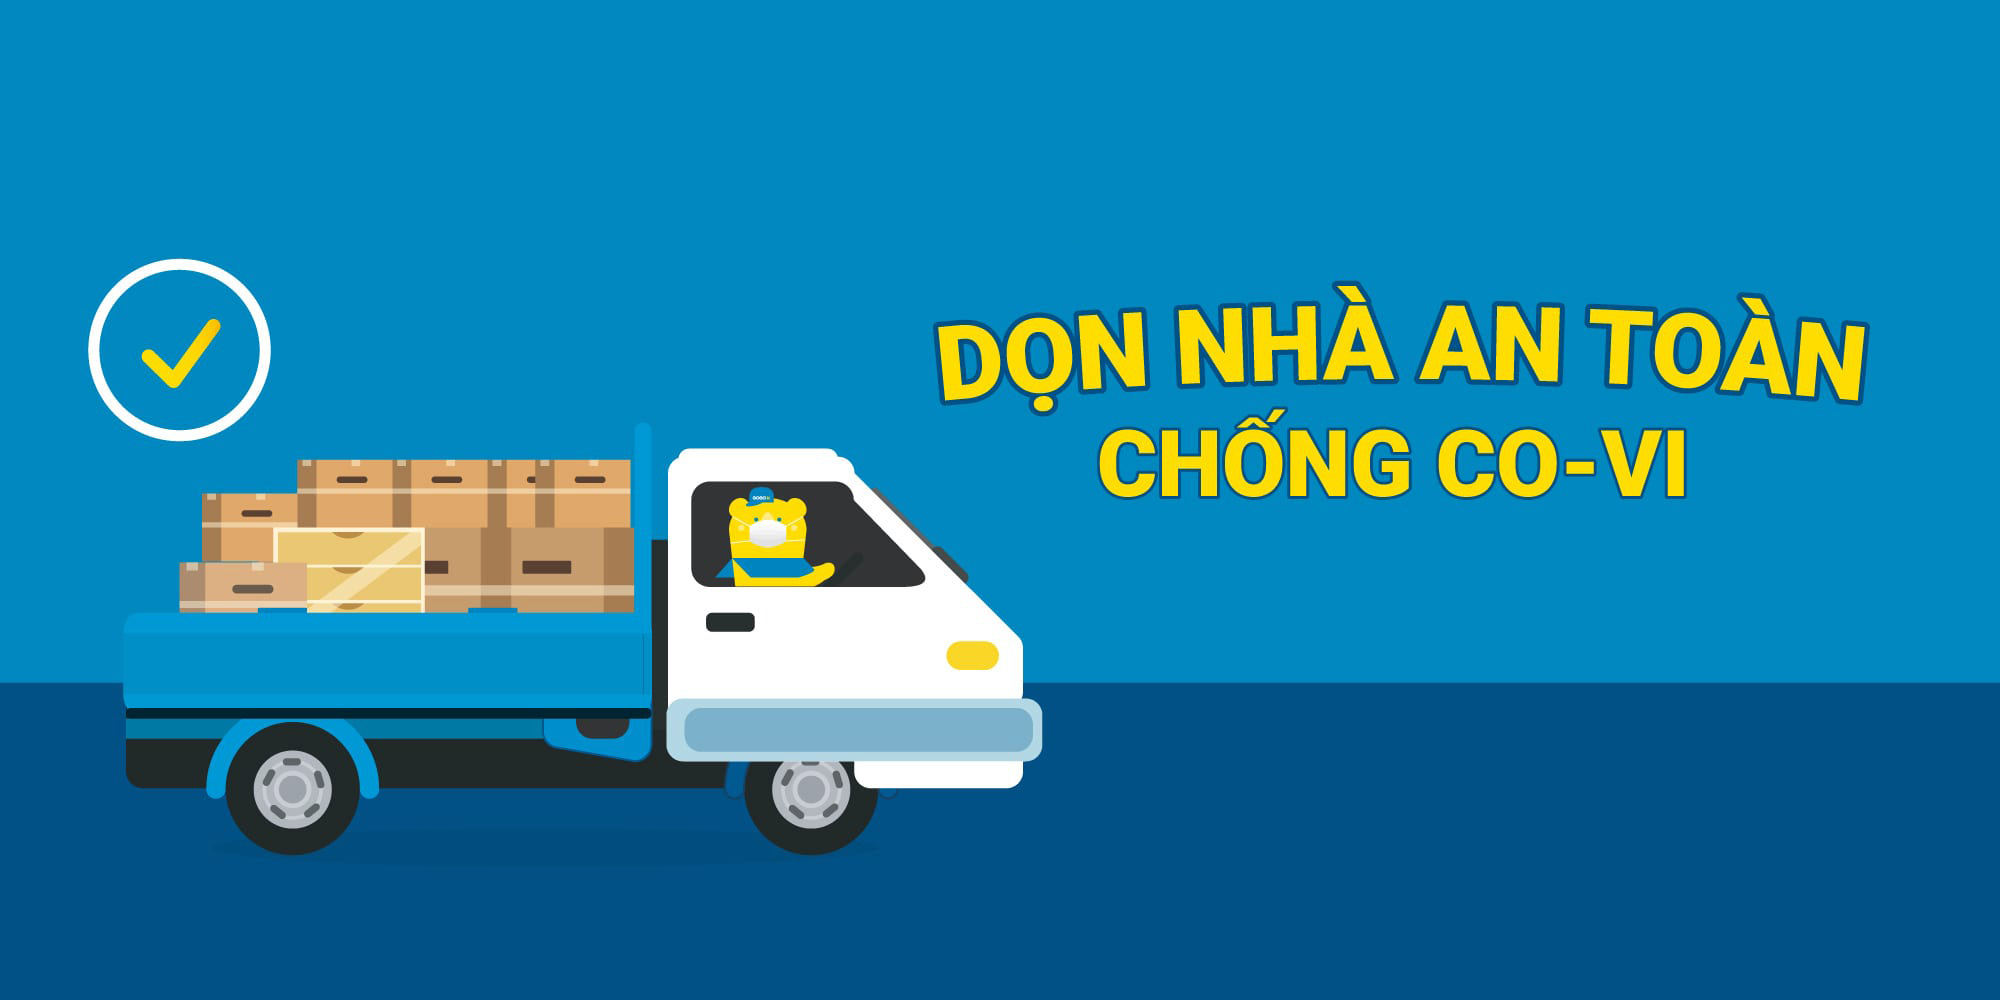 Dịch vụ chuyển nhà trọn gói tại Vinh luôn đảm bảo an toàn mùa dịch | Vận tải Nam Lộc